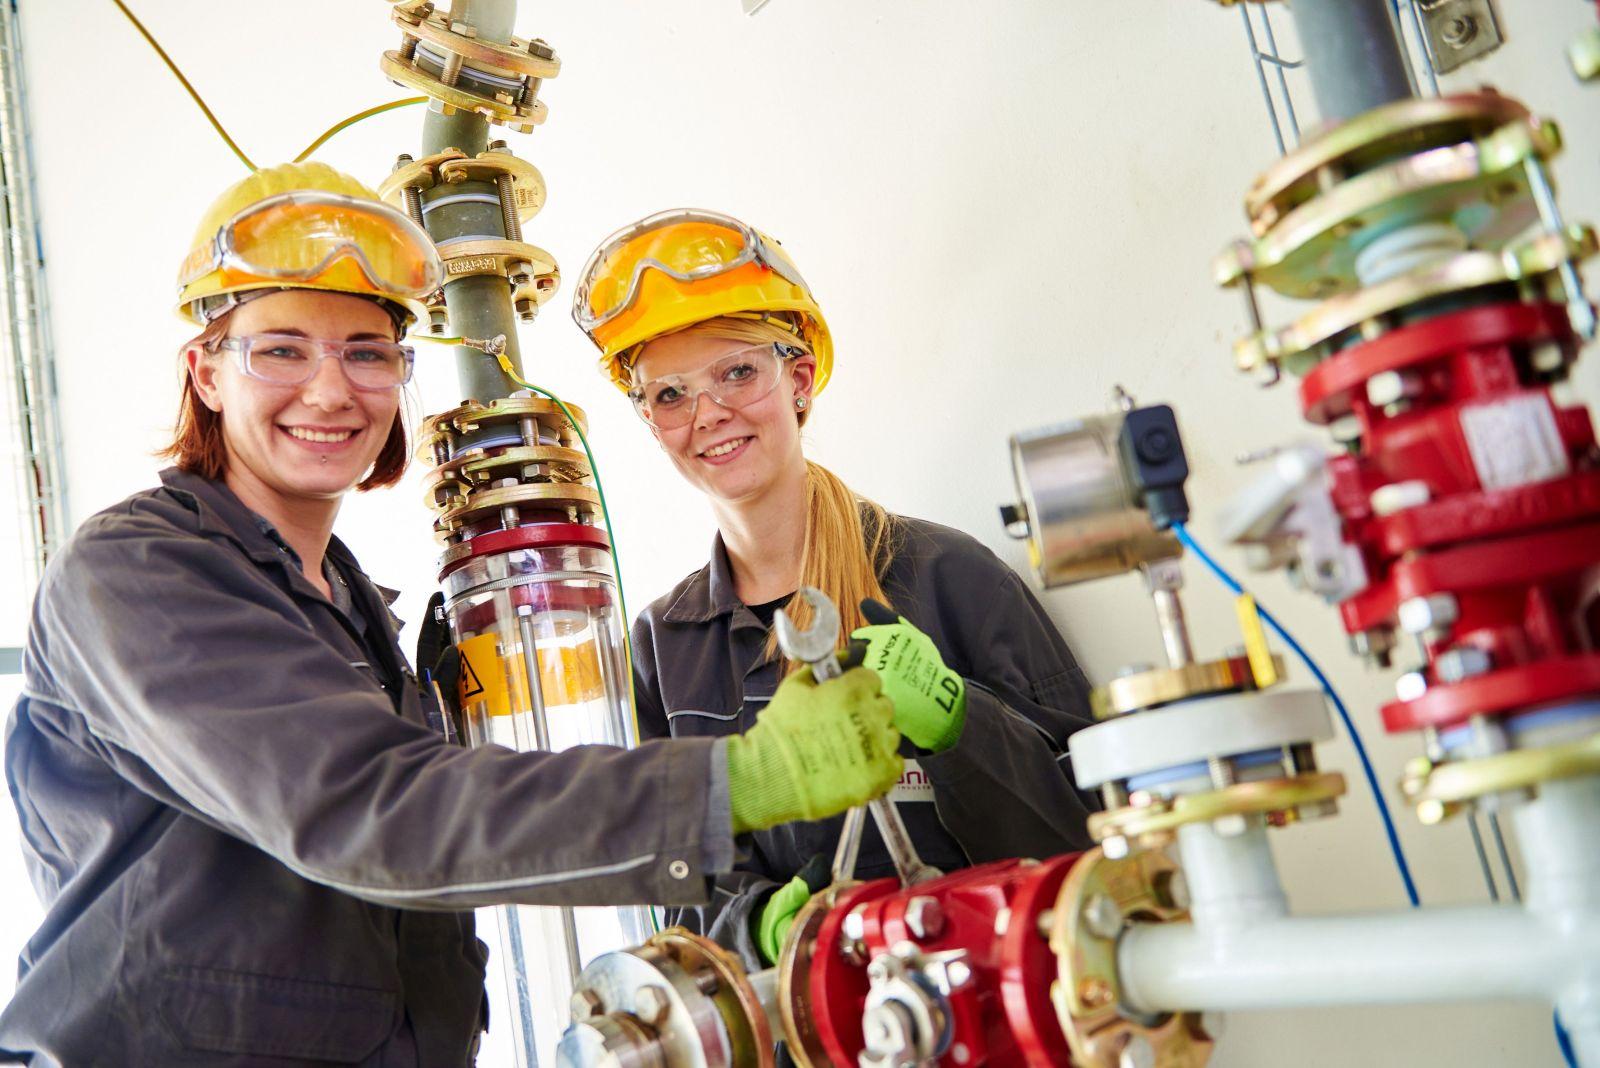 Heute stehen Frauen ihren Mann – auch als Industriemechanikerinnen im Anlagenbau, wie Ausbilderin Julia Streb (links) und Auszubildende Larissa Dücker (rechts) in einer Produktionsanlage in Hanau-Wolfgang beweisen.